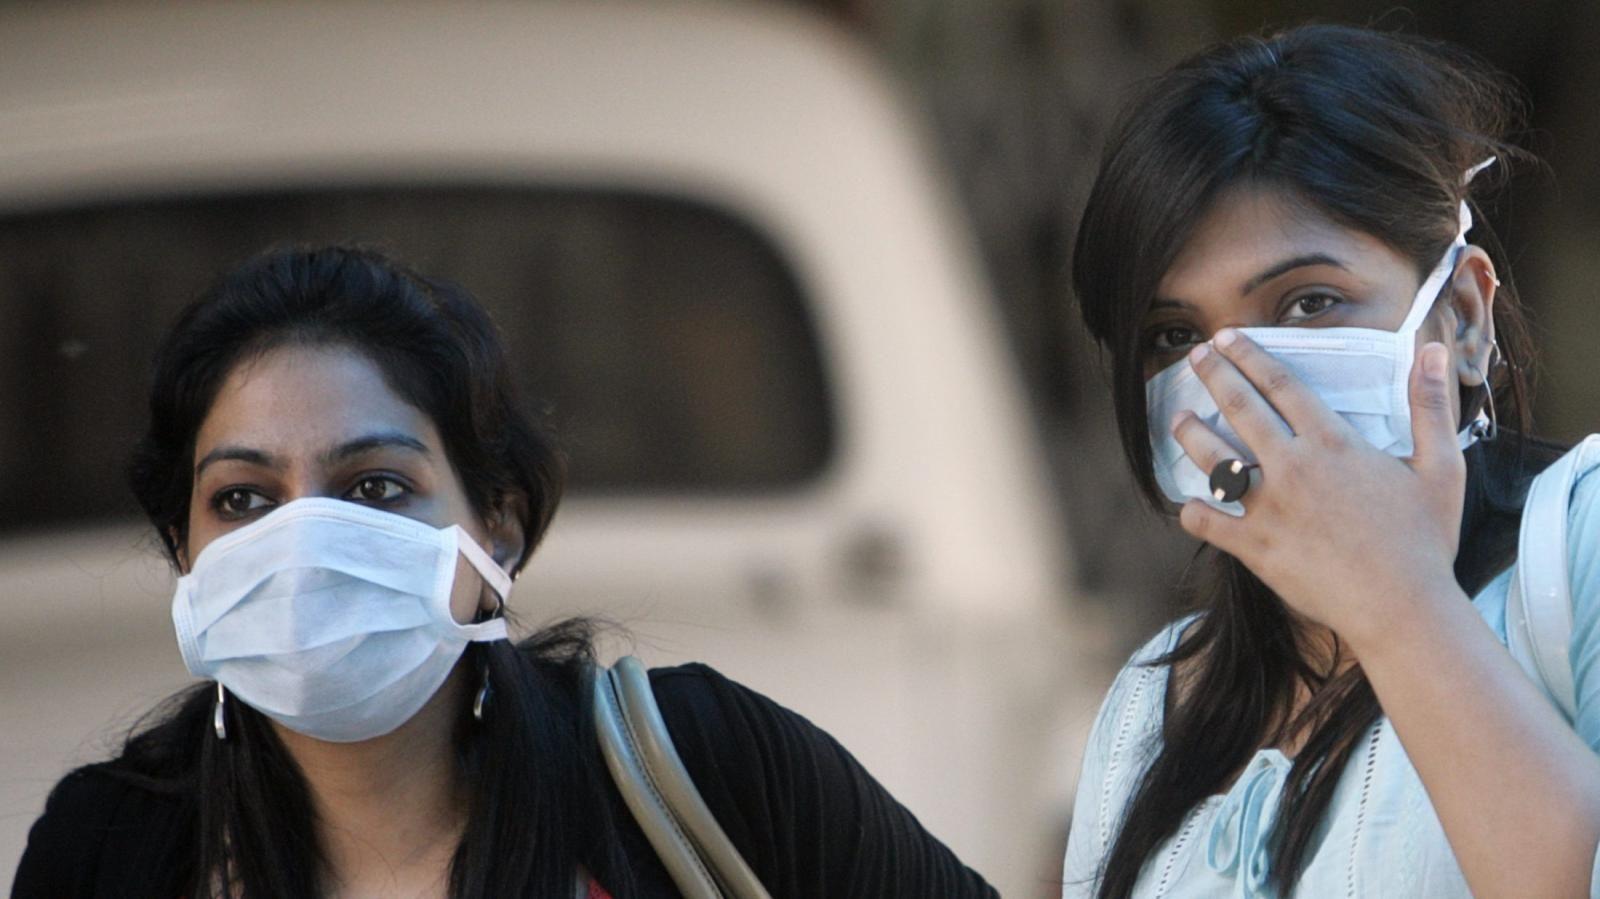 Người dân Ấn Độ đang phải đối mặt với những hậu quả nặng nề từ đại dịch Covid-19